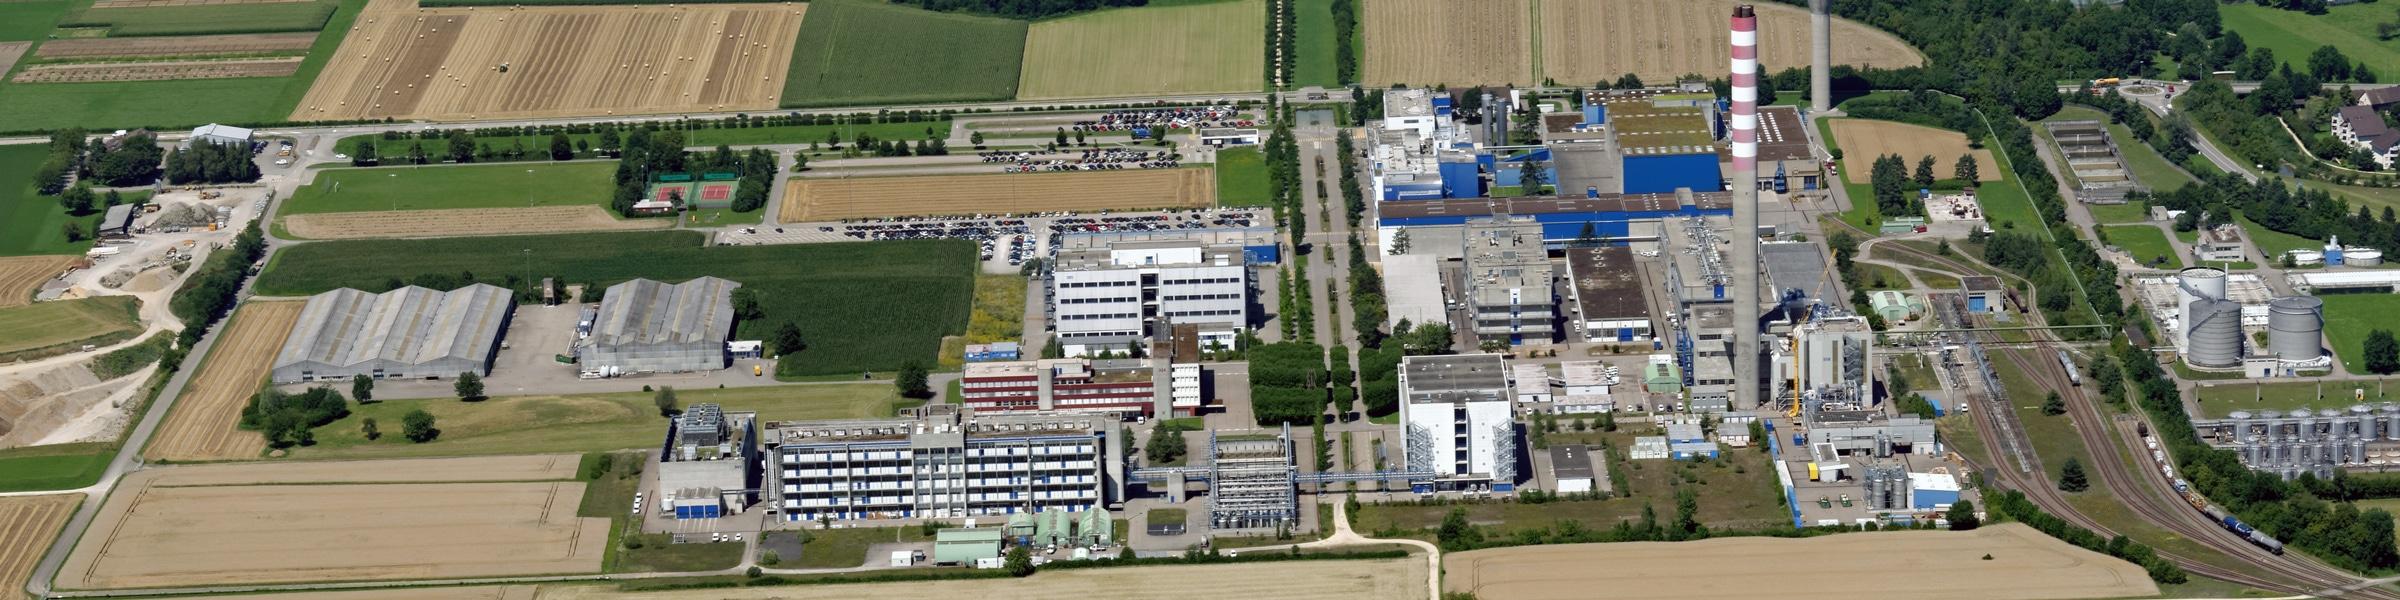 Infrastruktur und Untilities - Inotectis GmbH